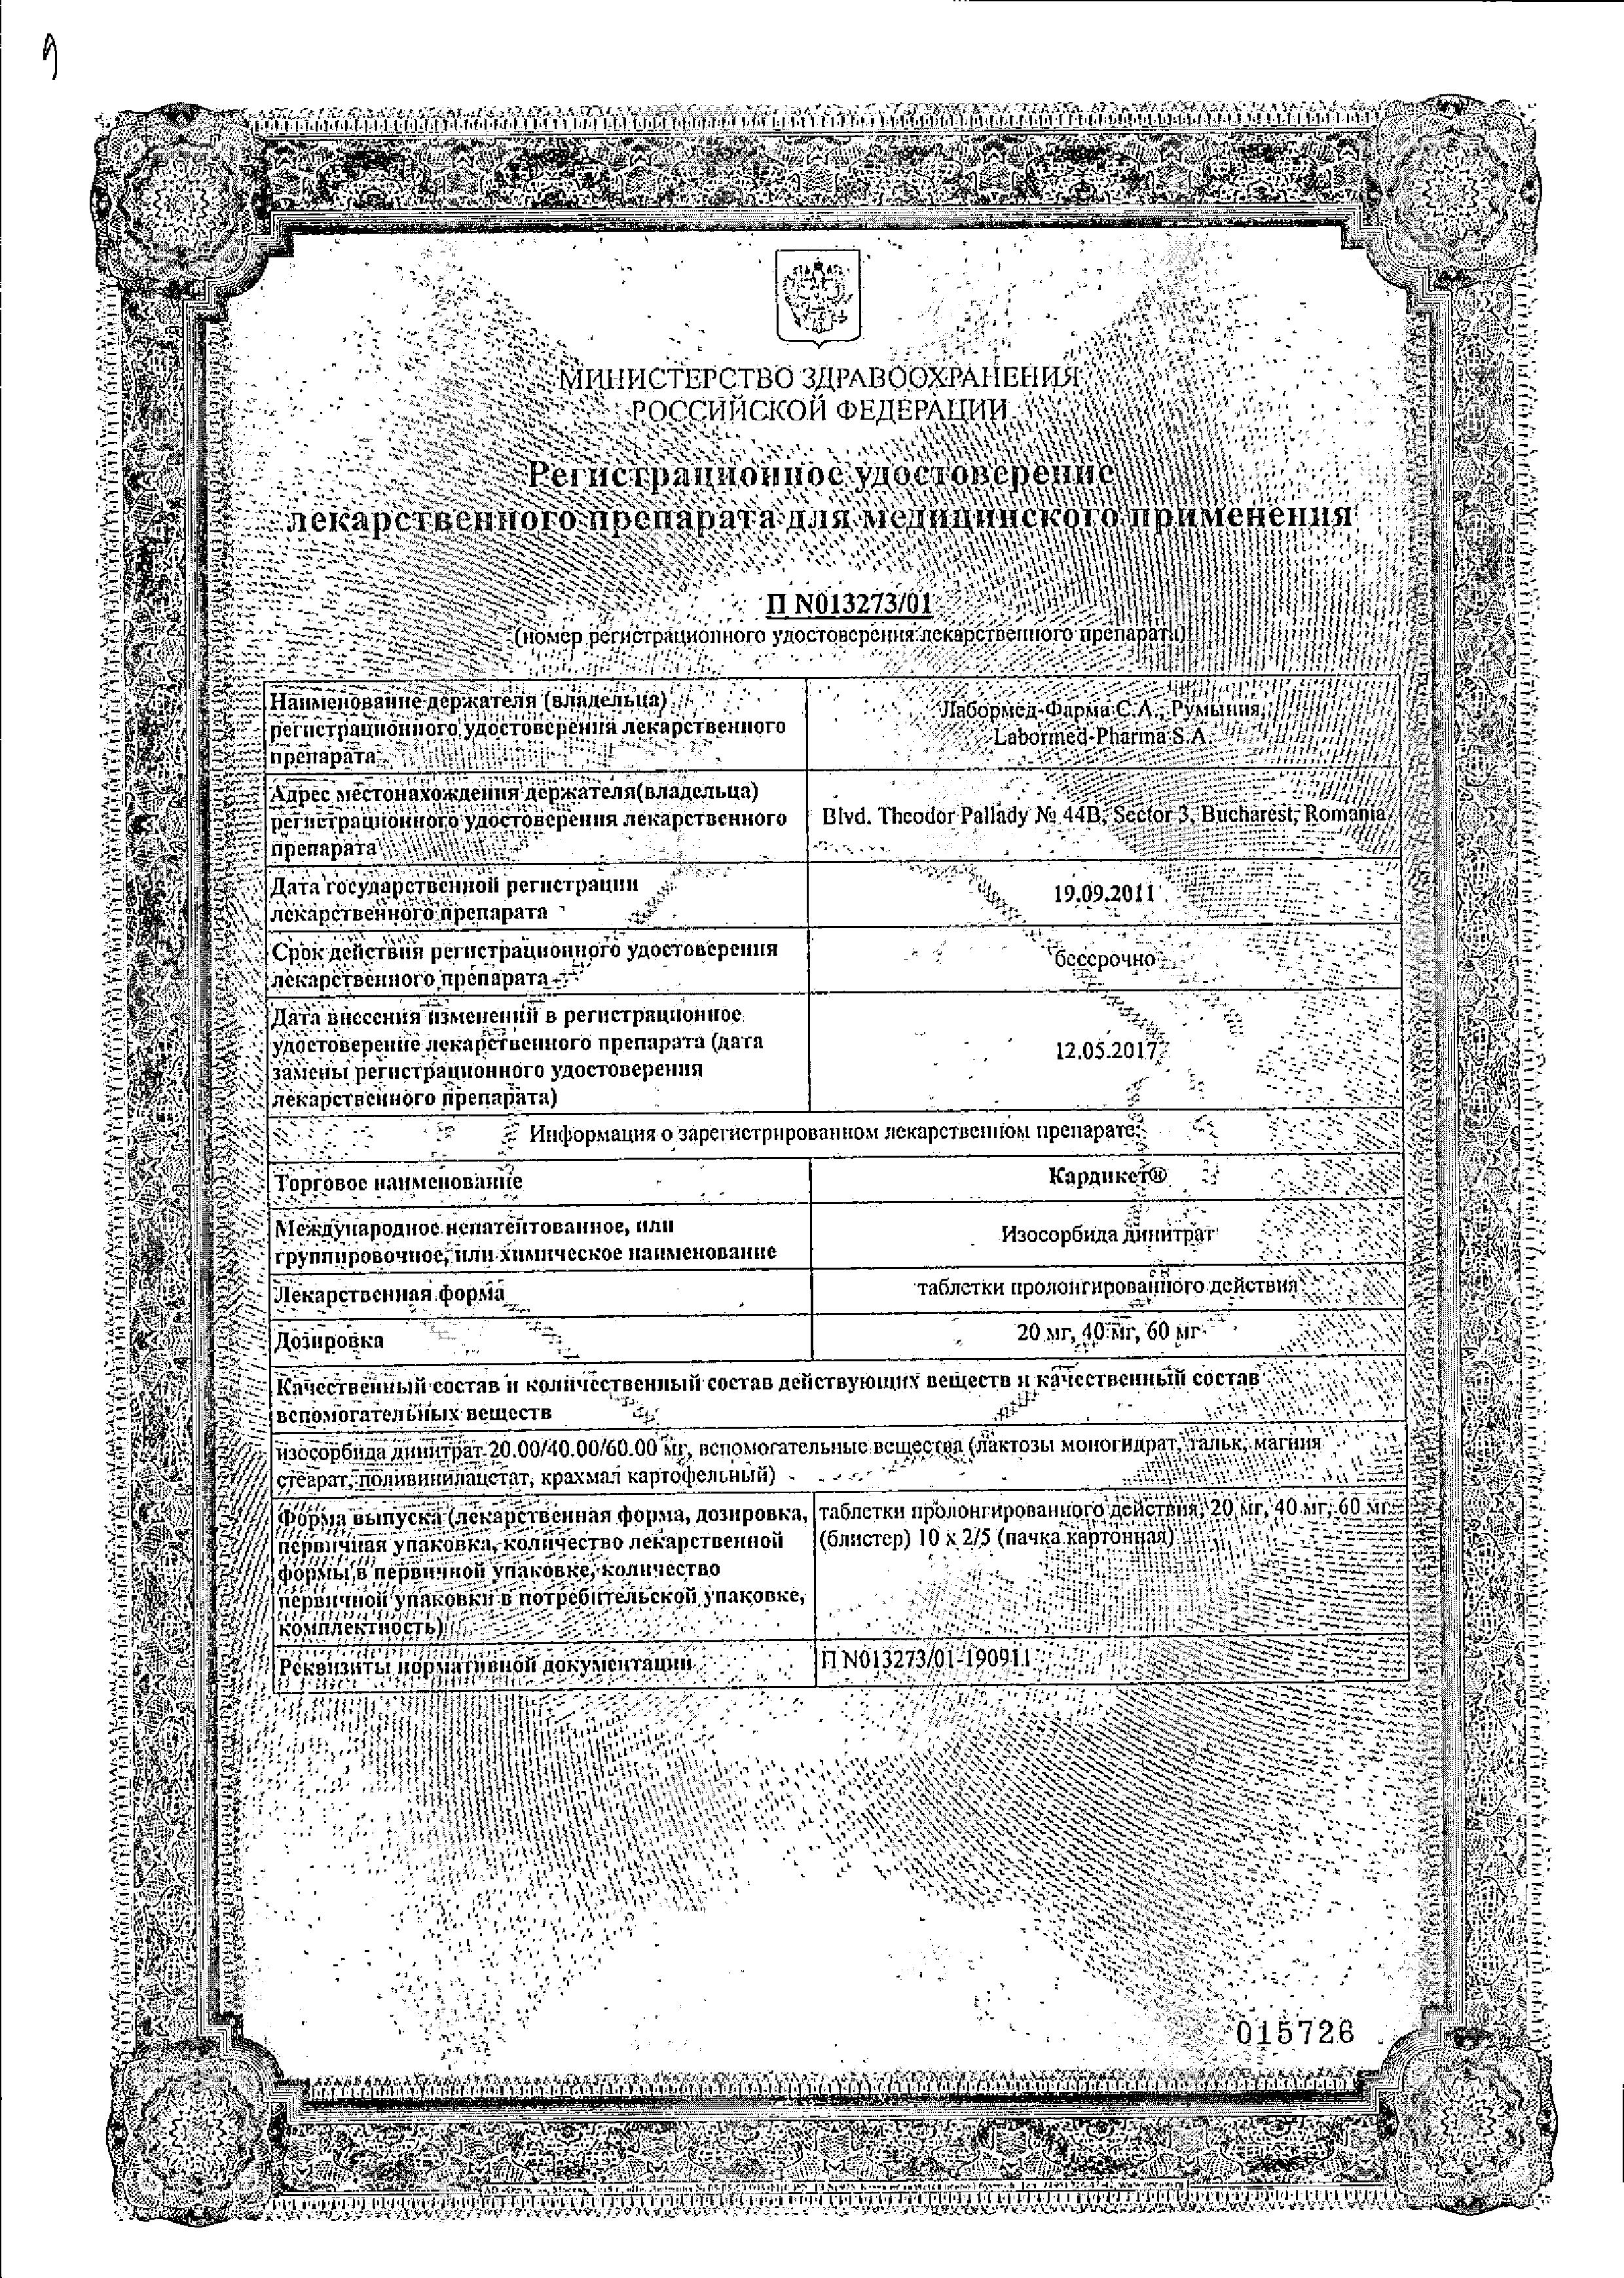 Кардикет сертификат